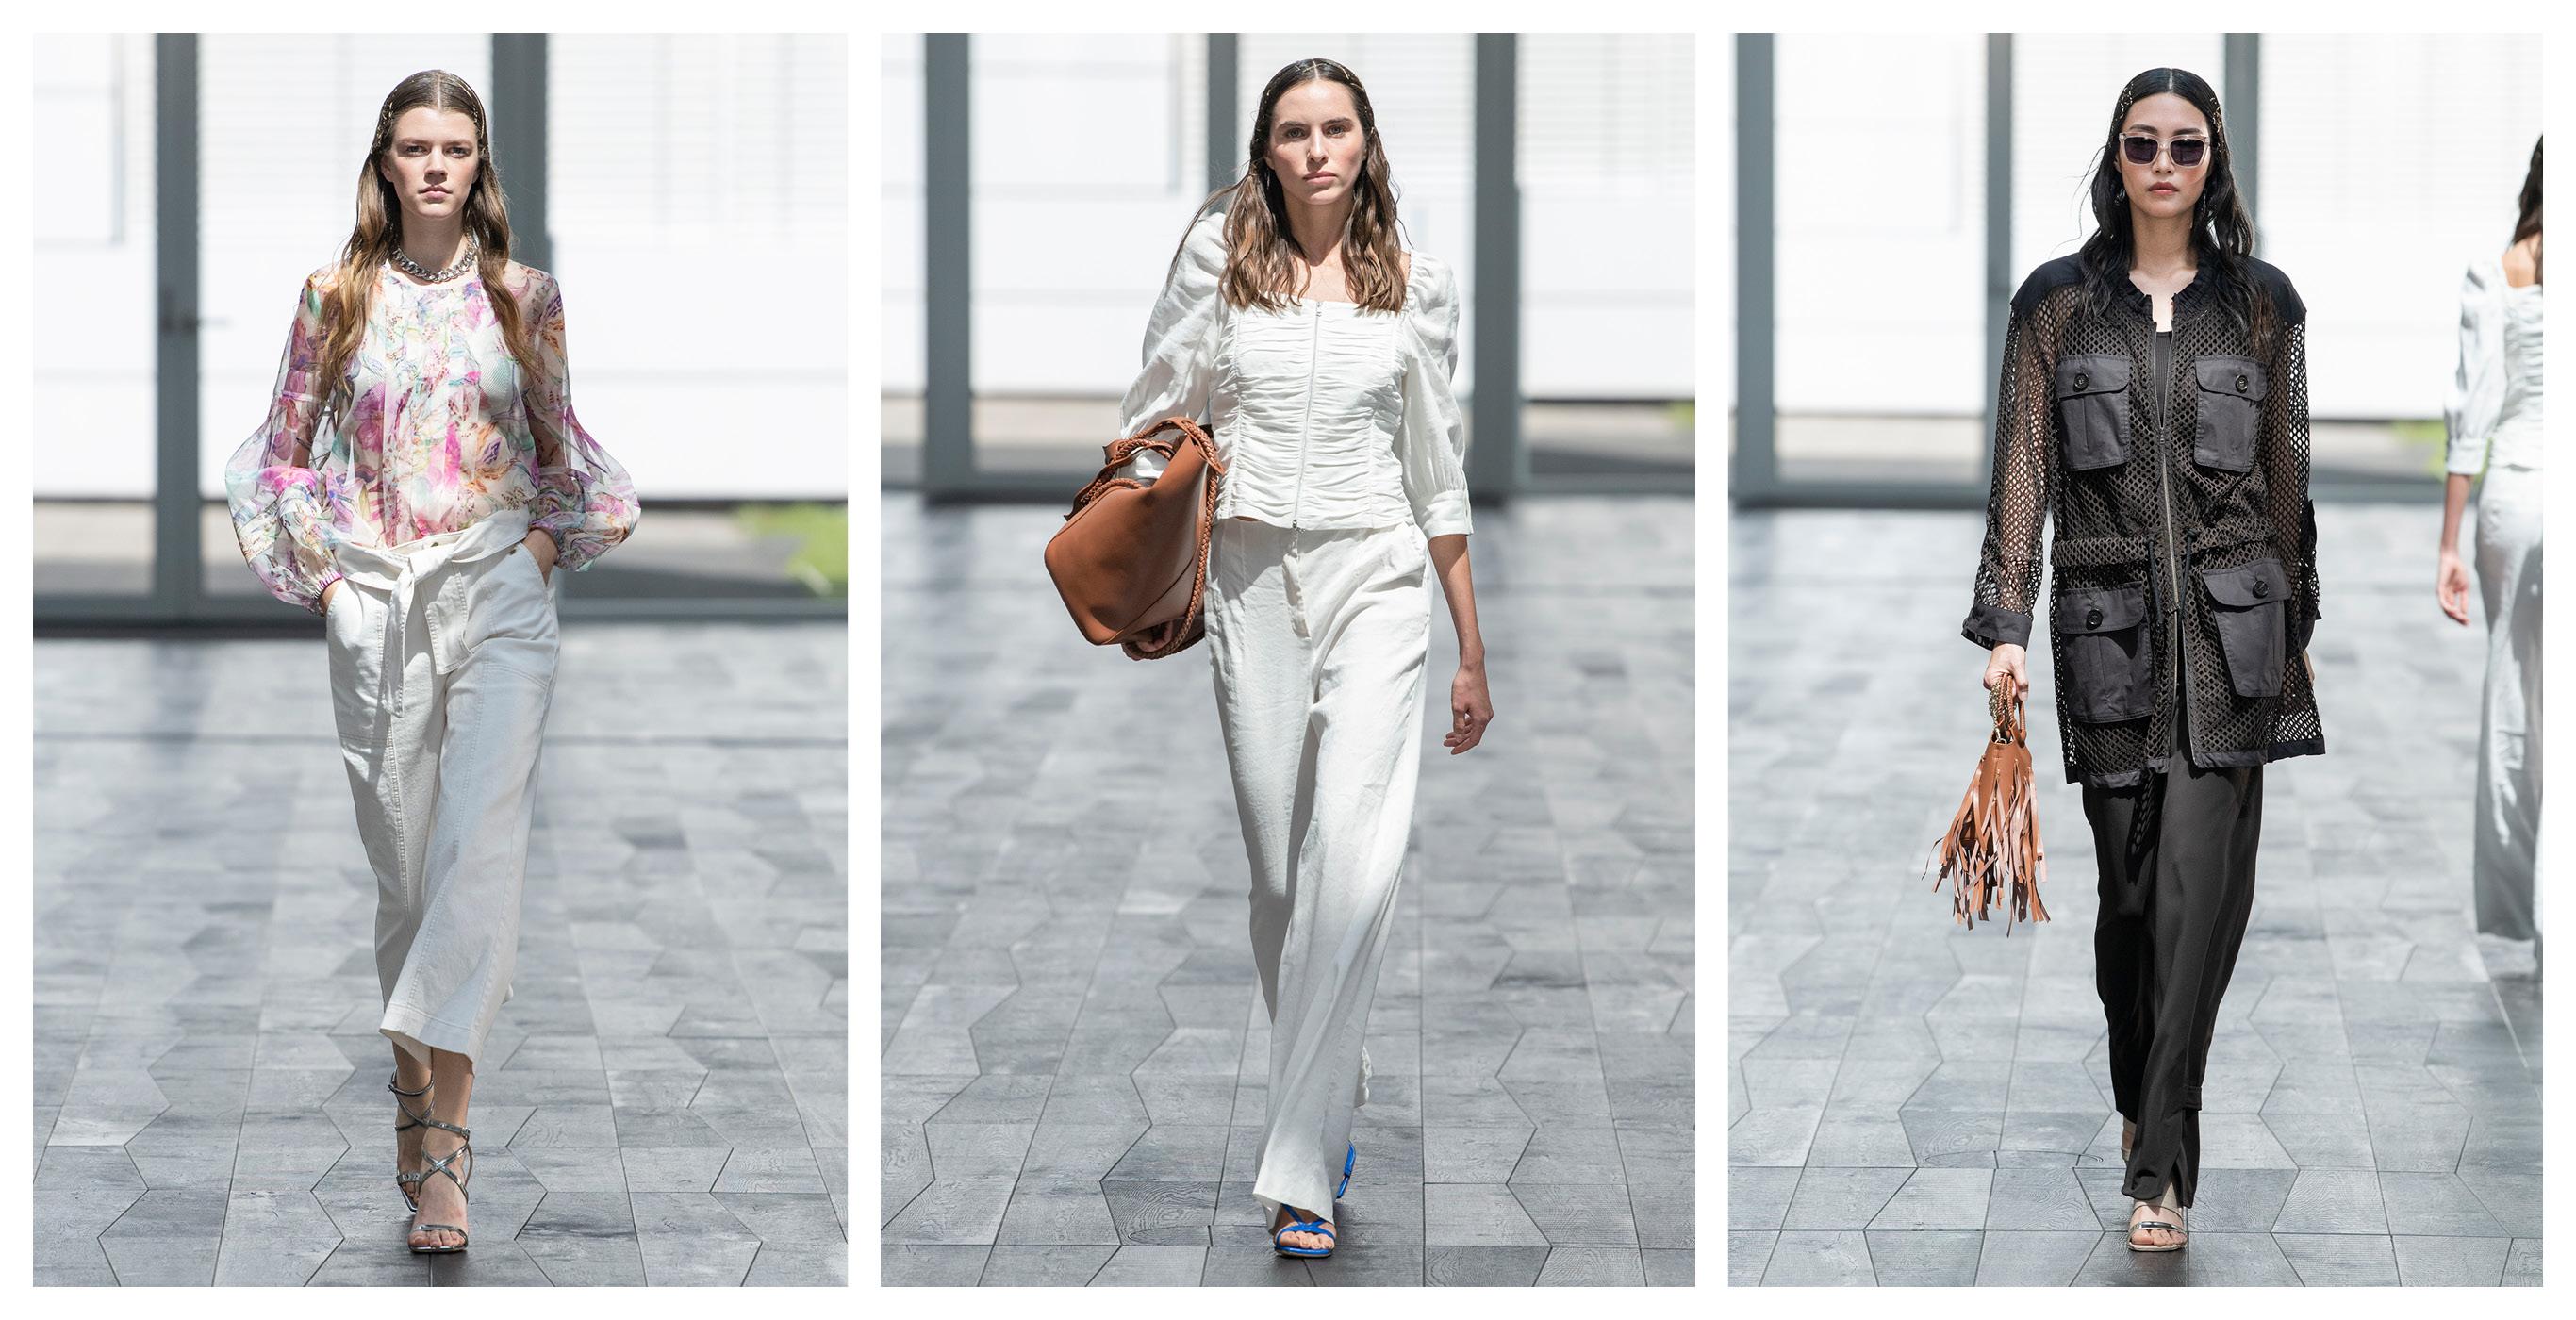 SaisonQ_FashionFilm_Slider2_Catwalk